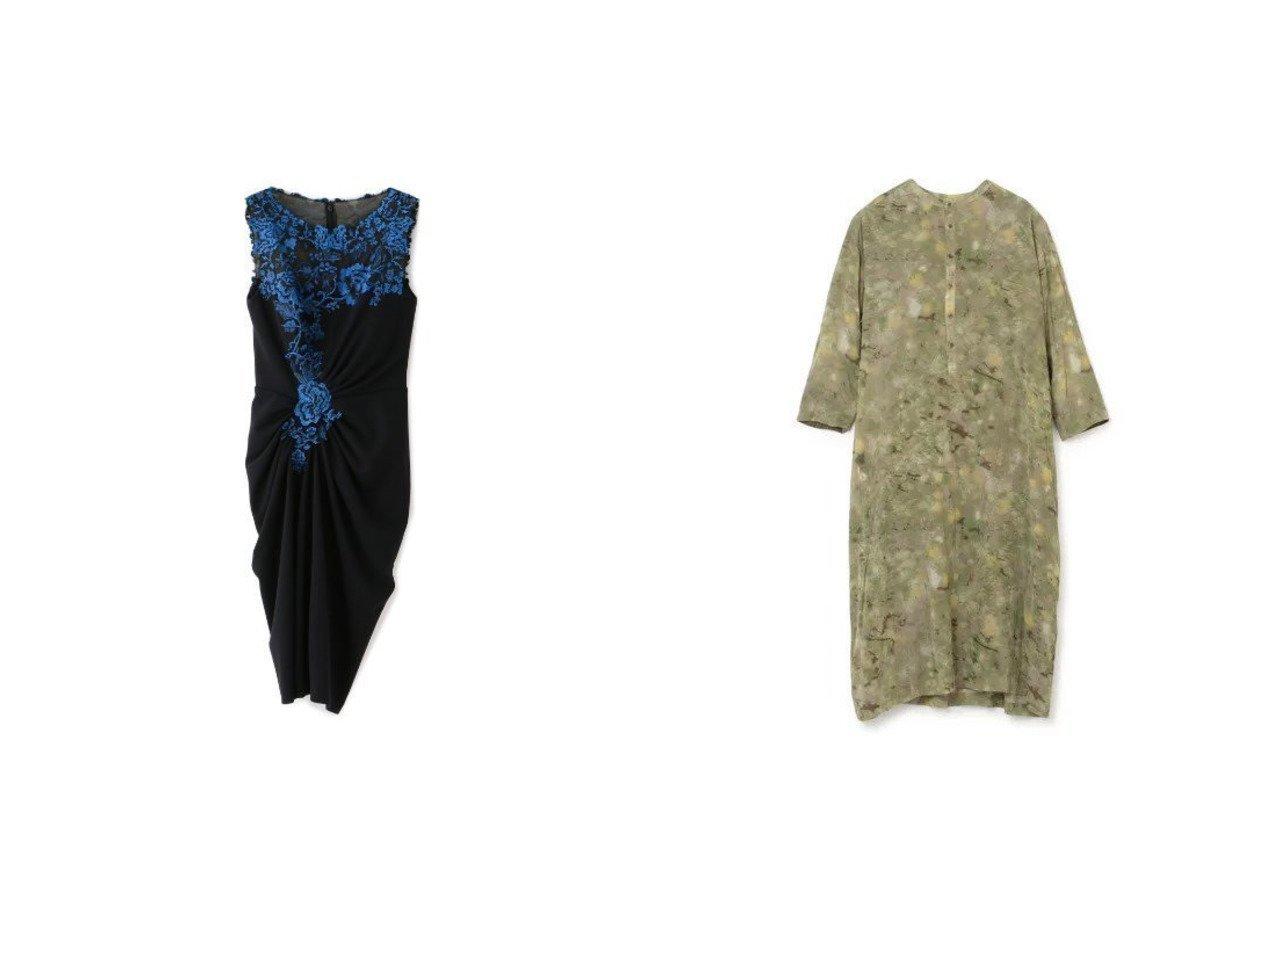 【EPOCA THE SHOP/エポカ ザ ショップ】の【TADASHI SHOJI】フラワーレースギャザードレス&【pas de calais/パドカレ】のCボイルオリーブプリント ワンピース 【ワンピース・ドレス】おすすめ!人気、トレンド・レディースファッションの通販    レディースファッション・服の通販 founy(ファニー)